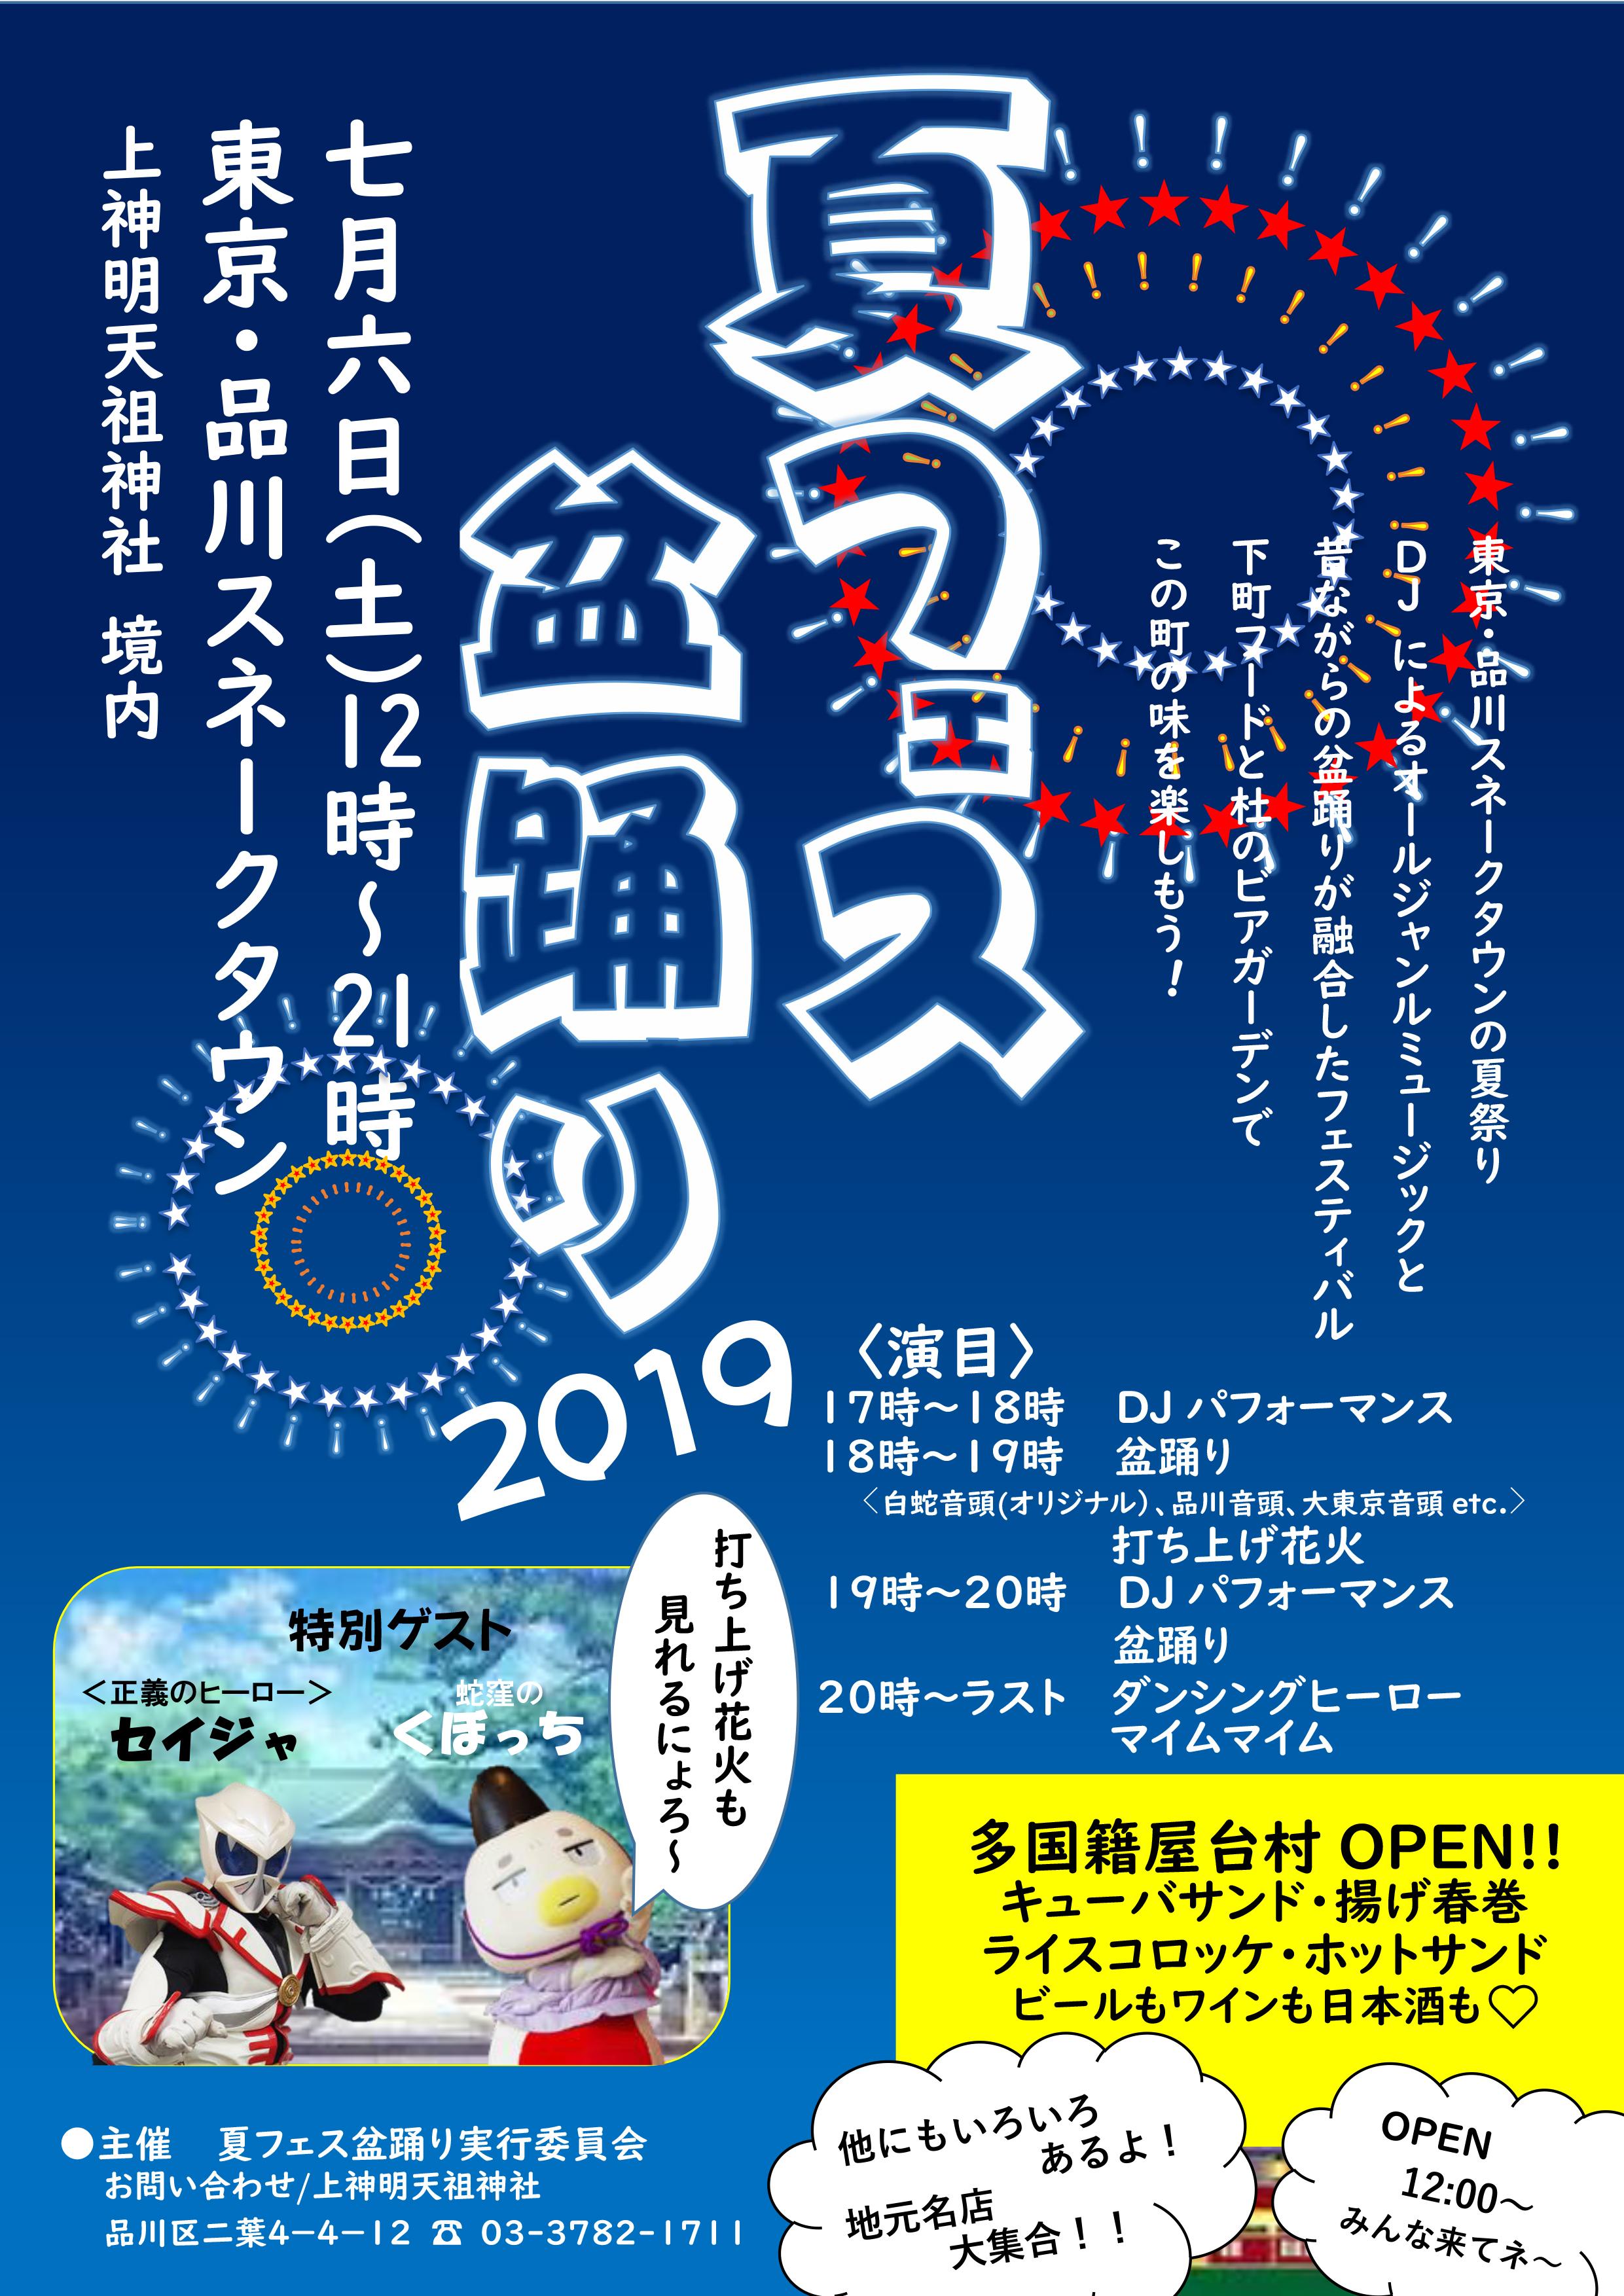 夏フェス盆踊り 2019 7月6日(土) 12時〜21時